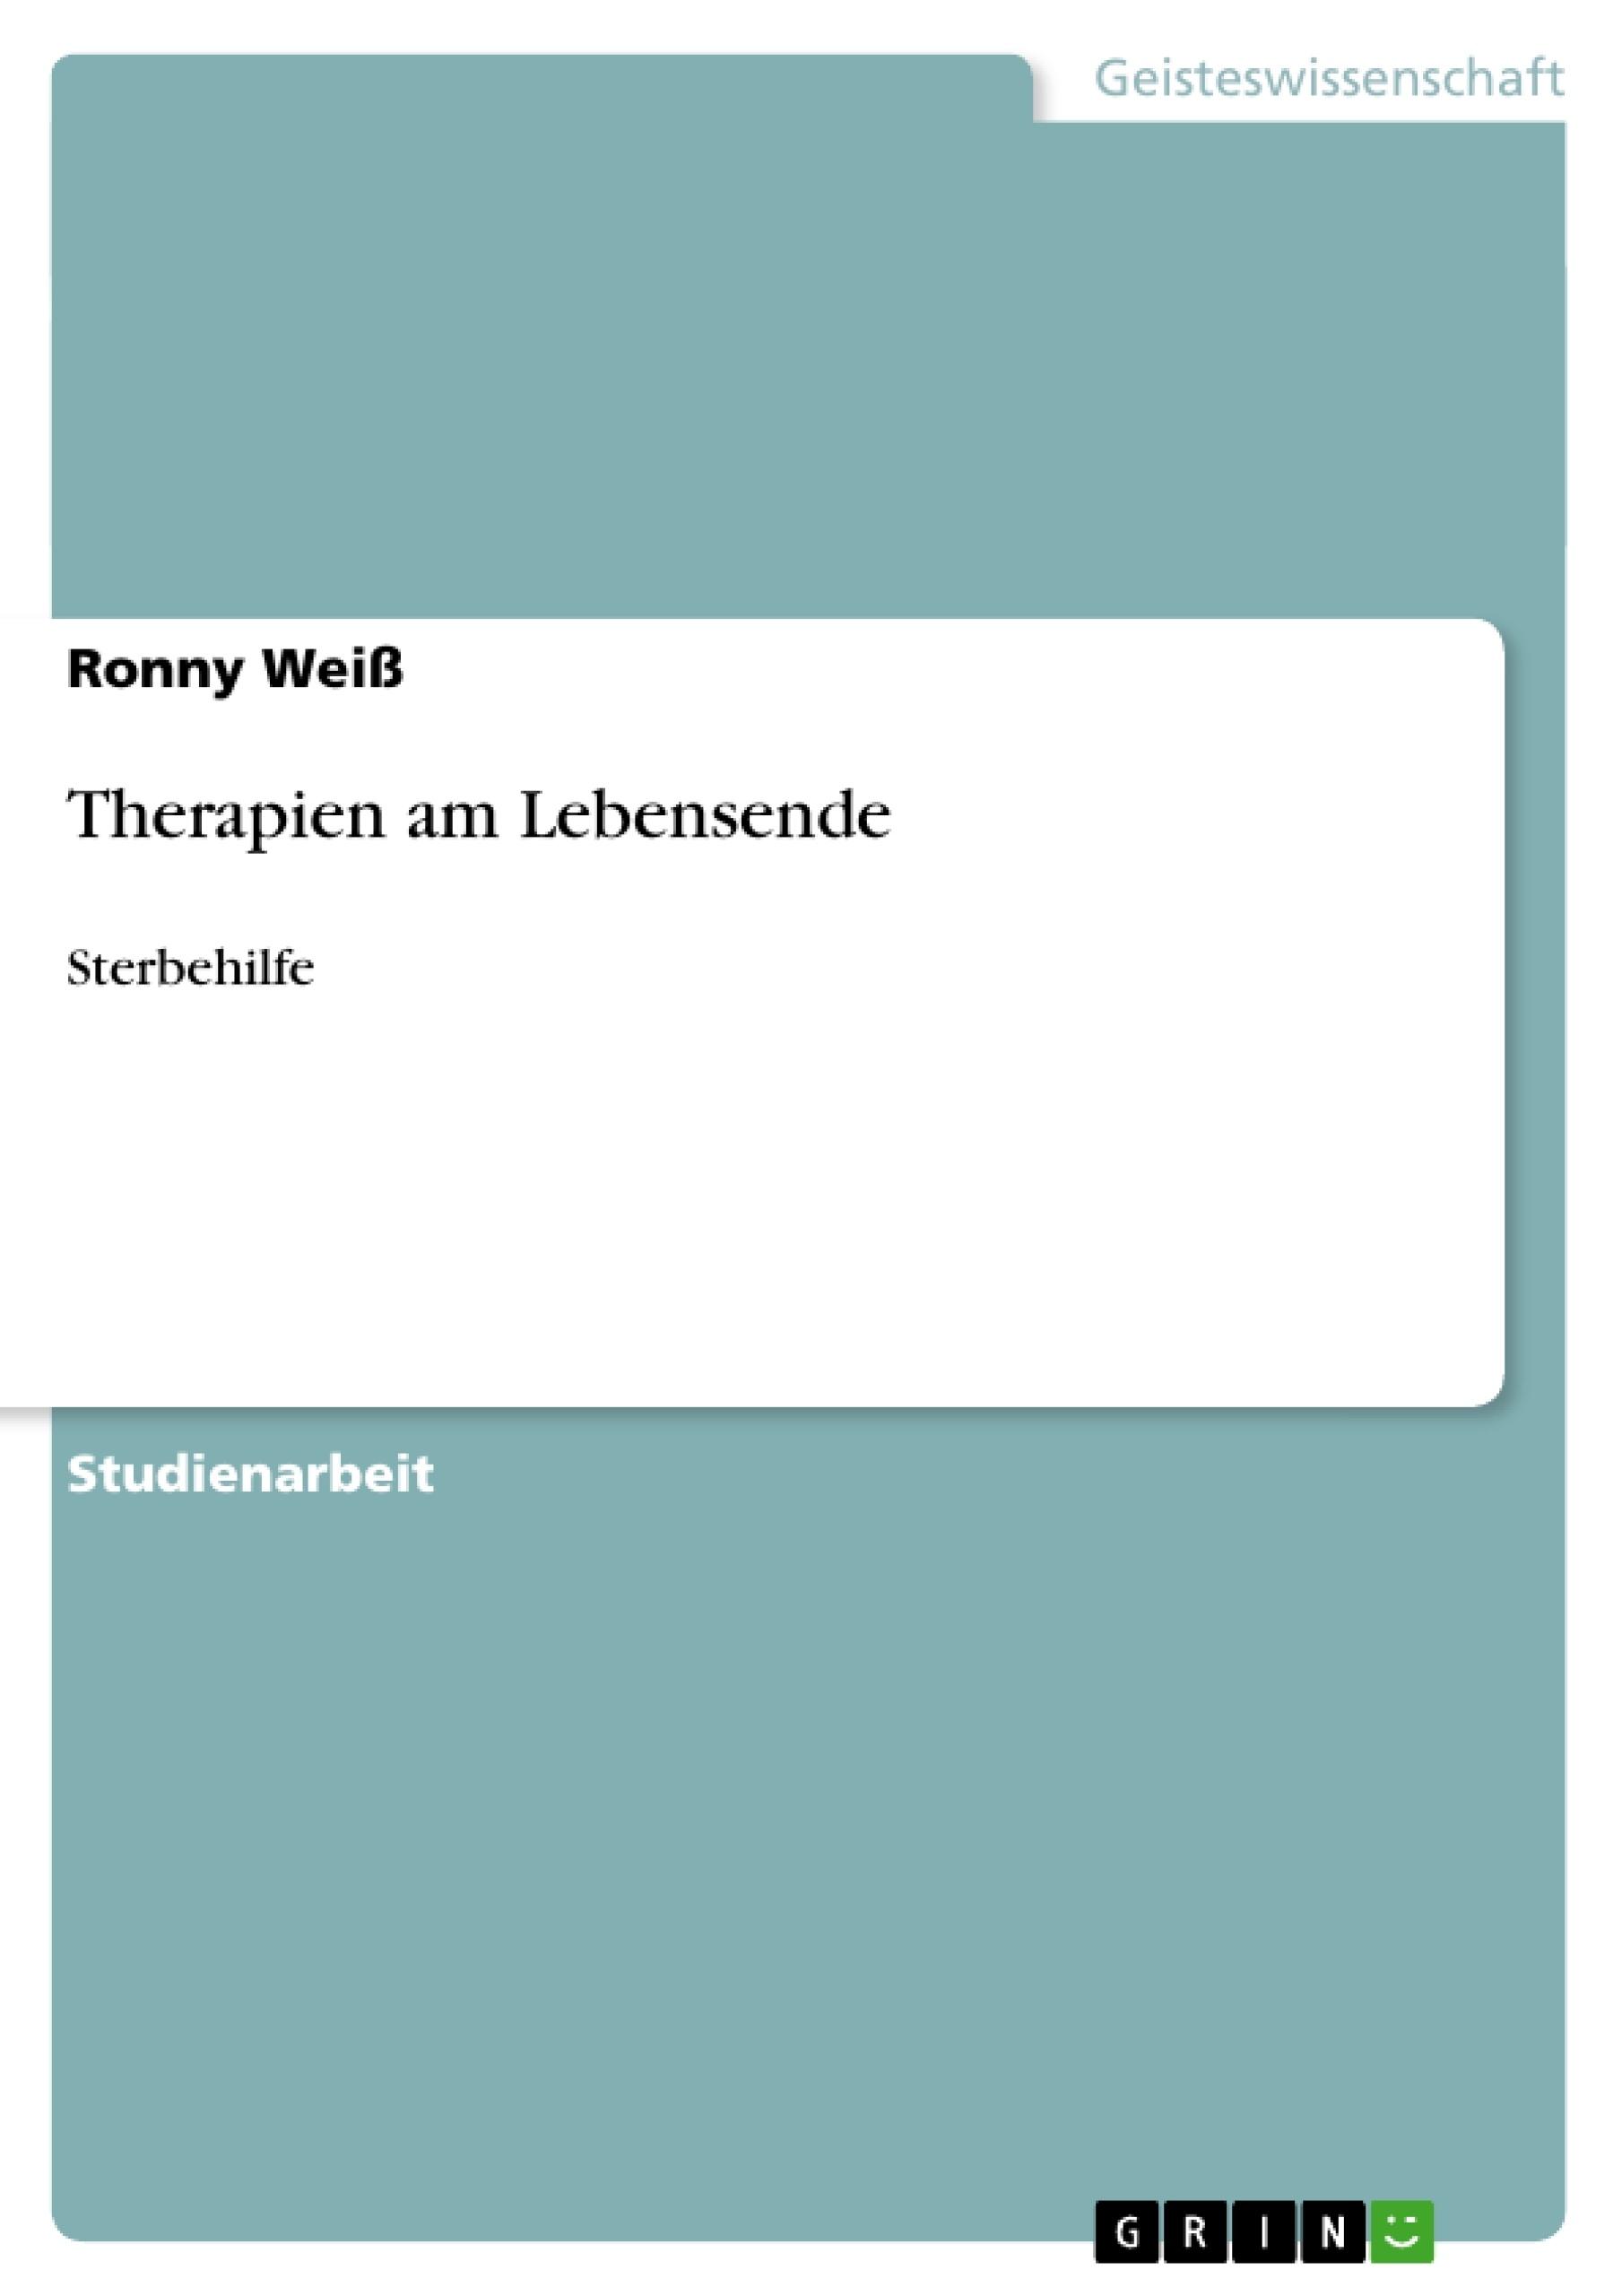 Titel: Therapien am Lebensende